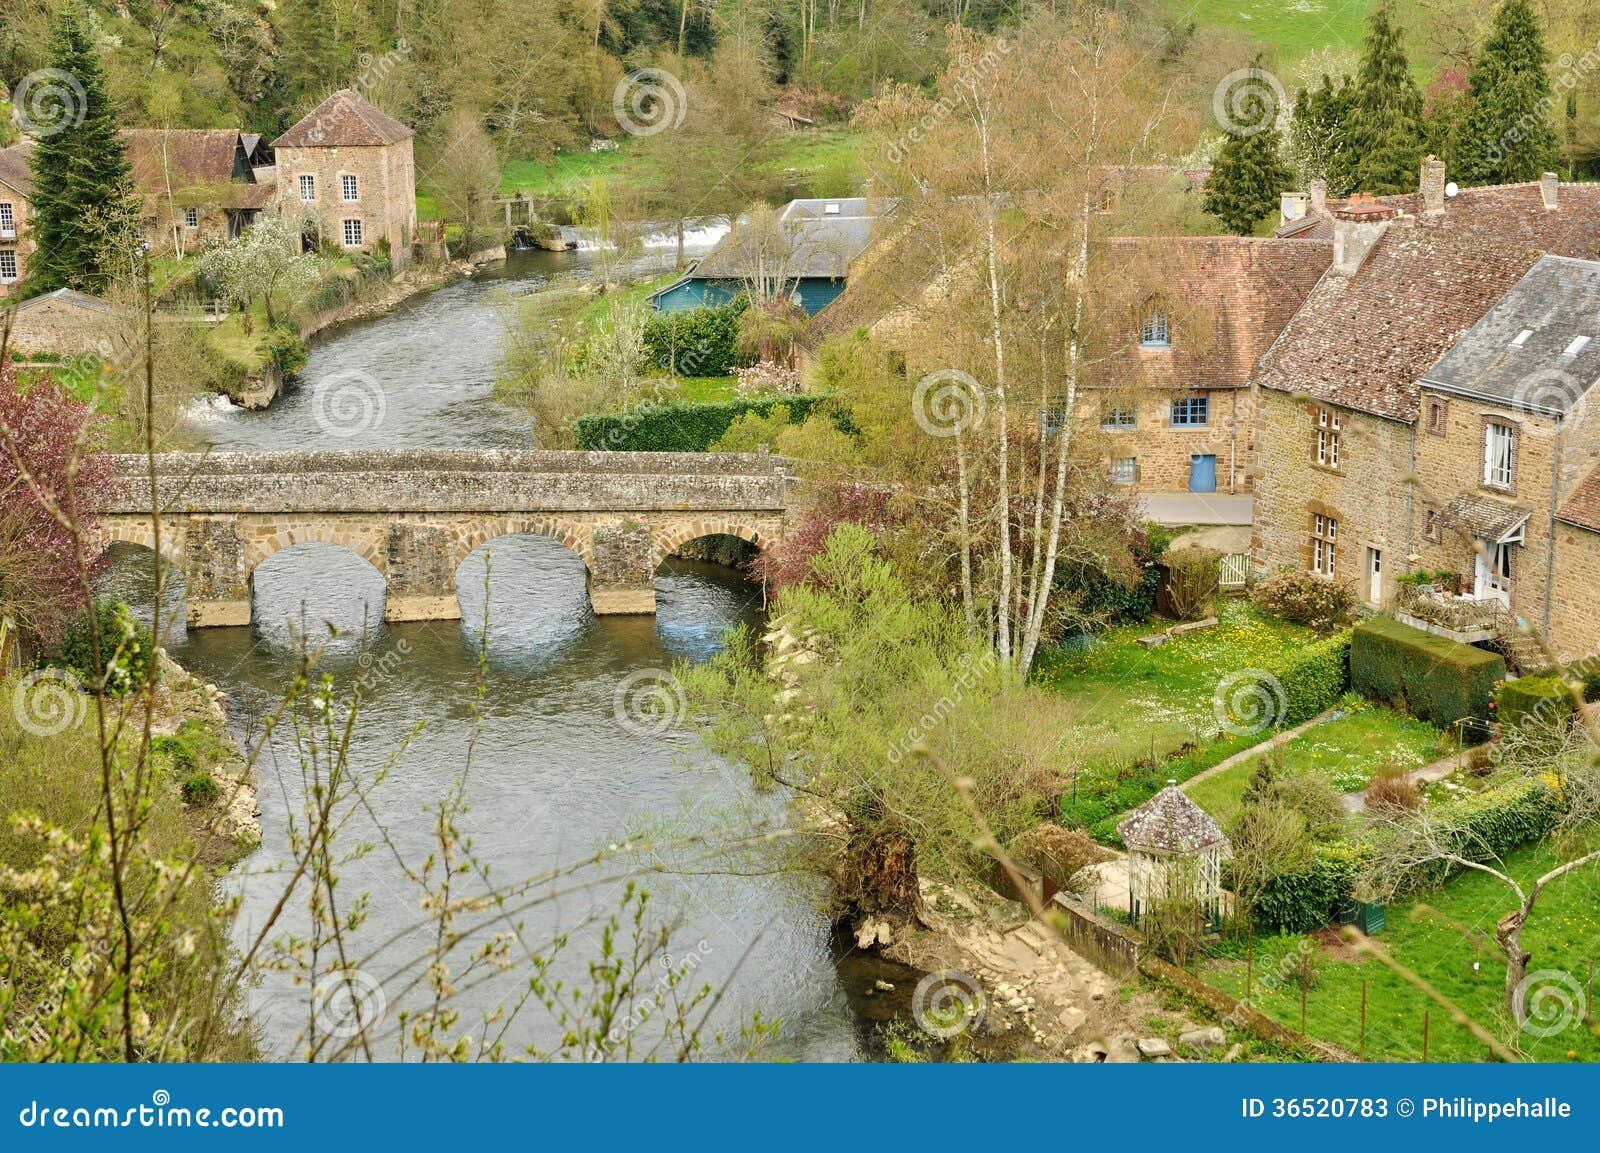 Normandie, le village pittoresque de Saint Ceneri le Gerei